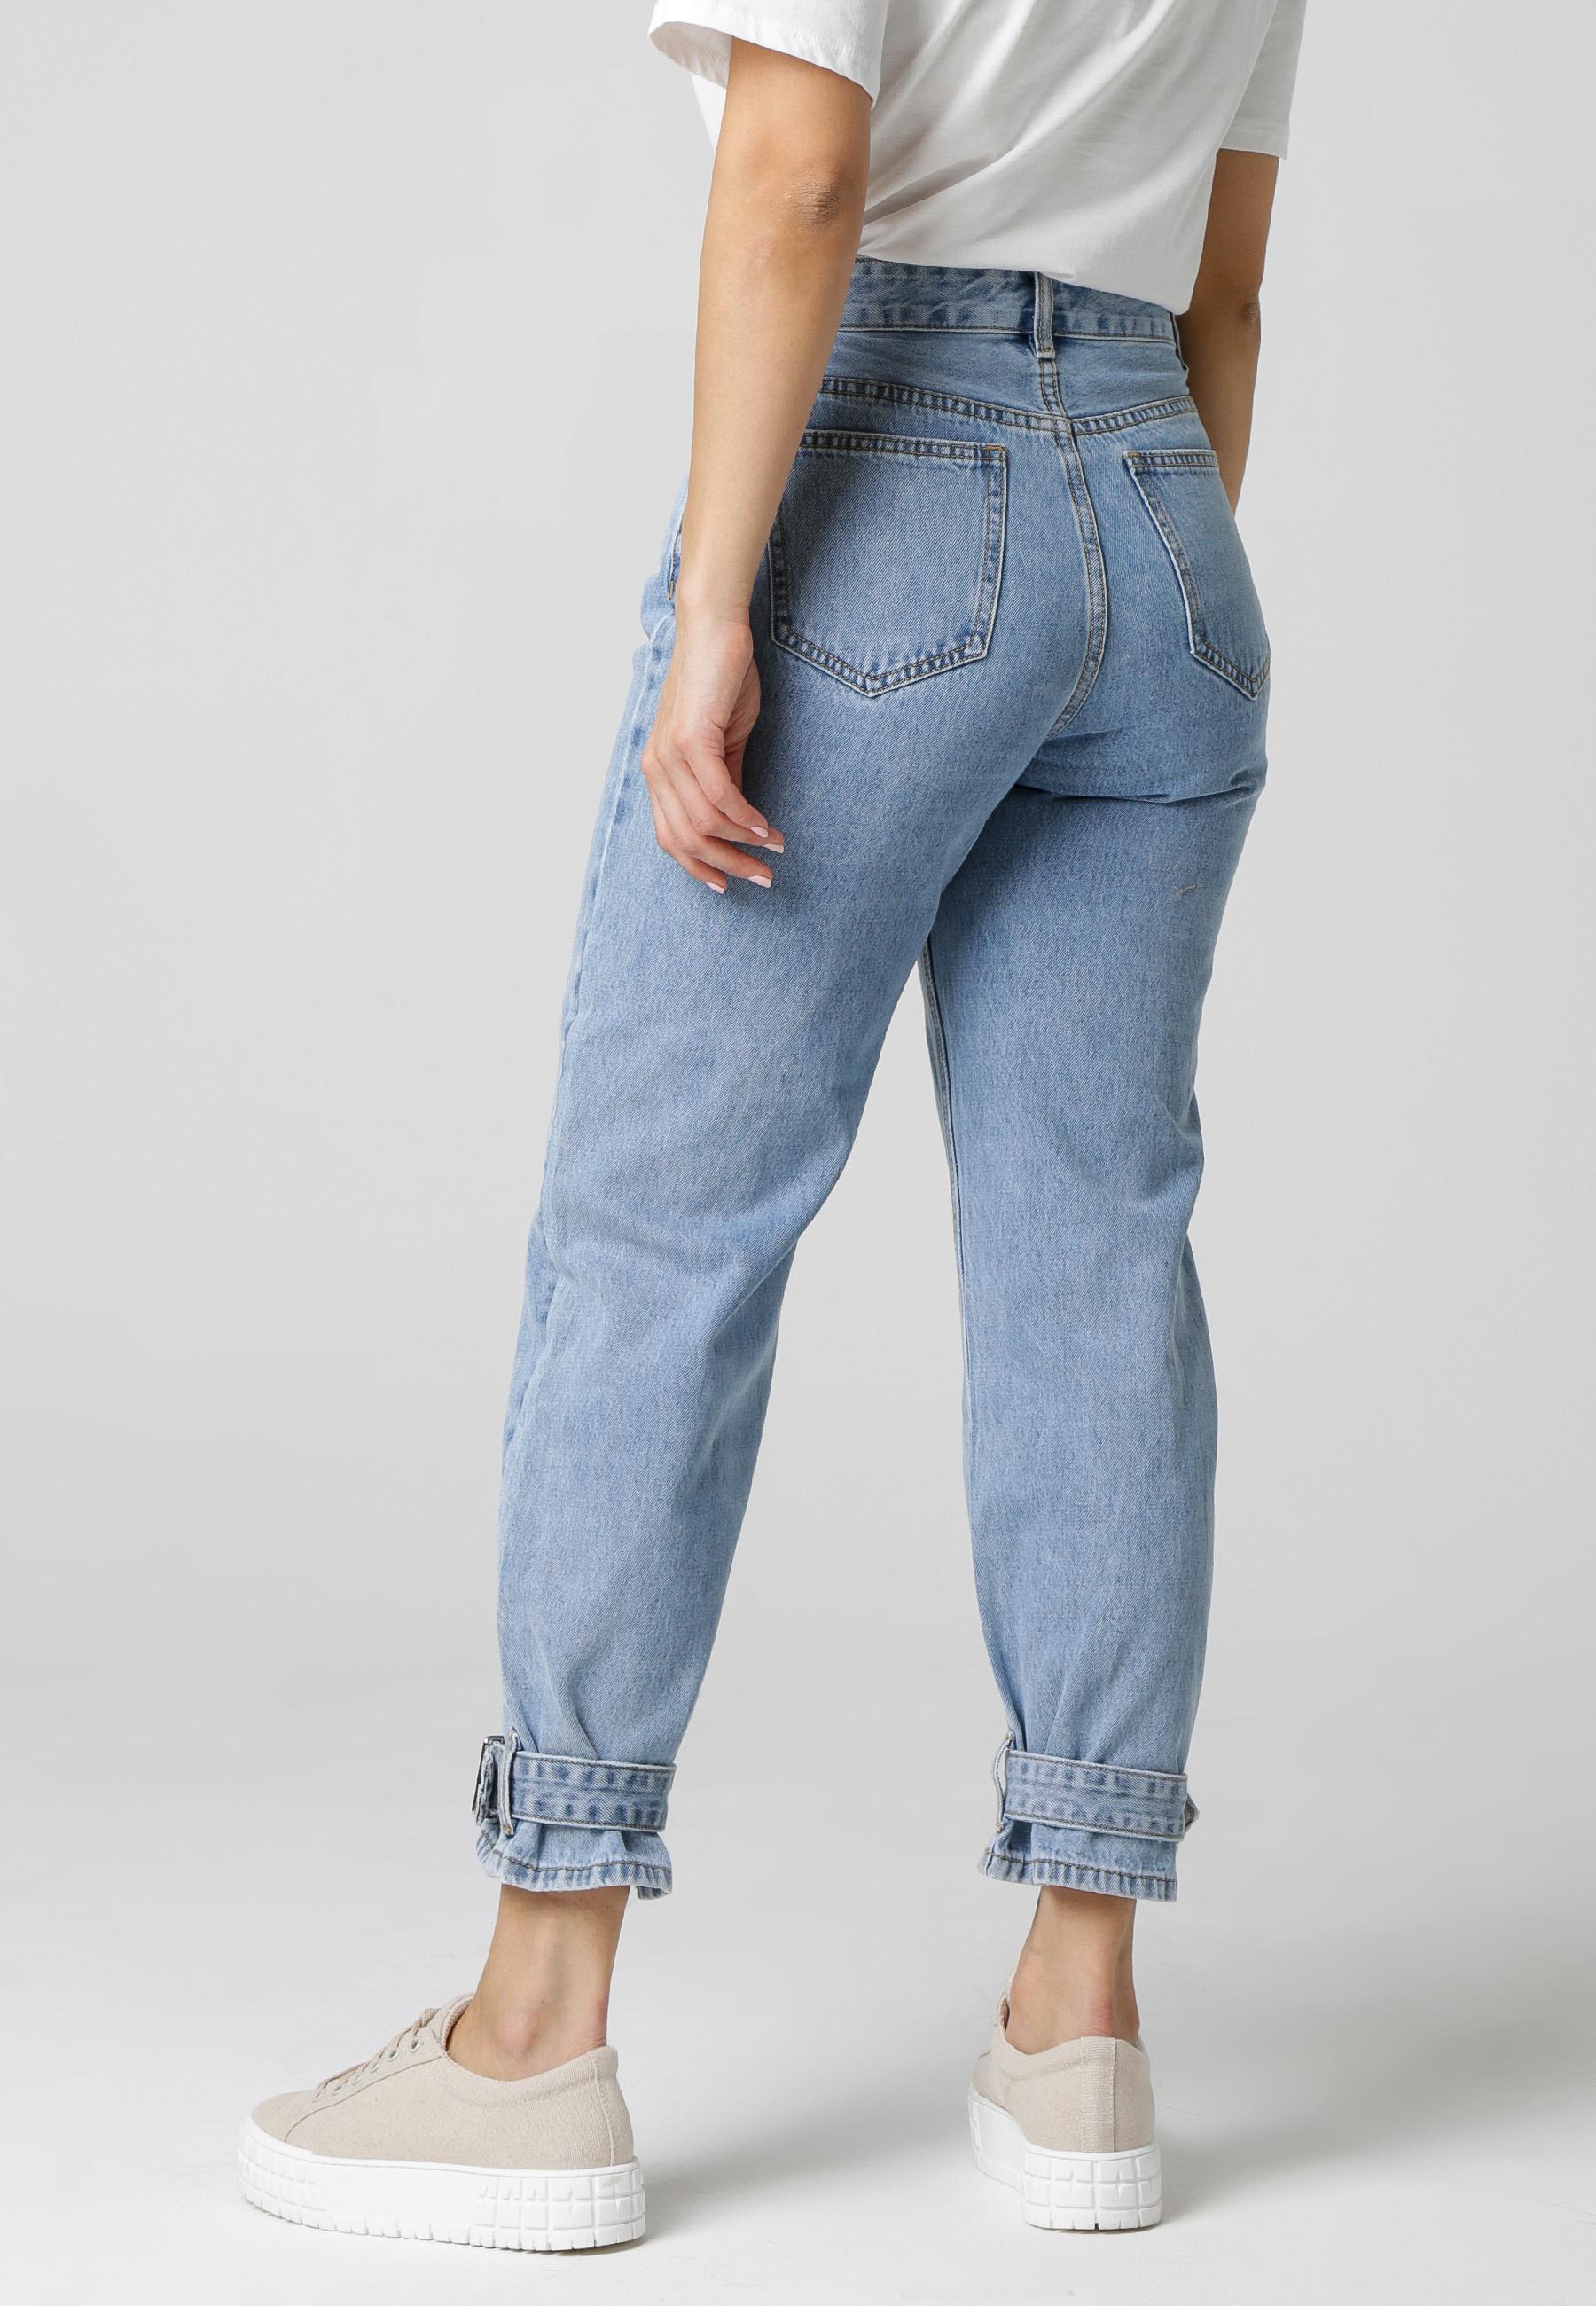 MiaZAYA Jeans Schnalle